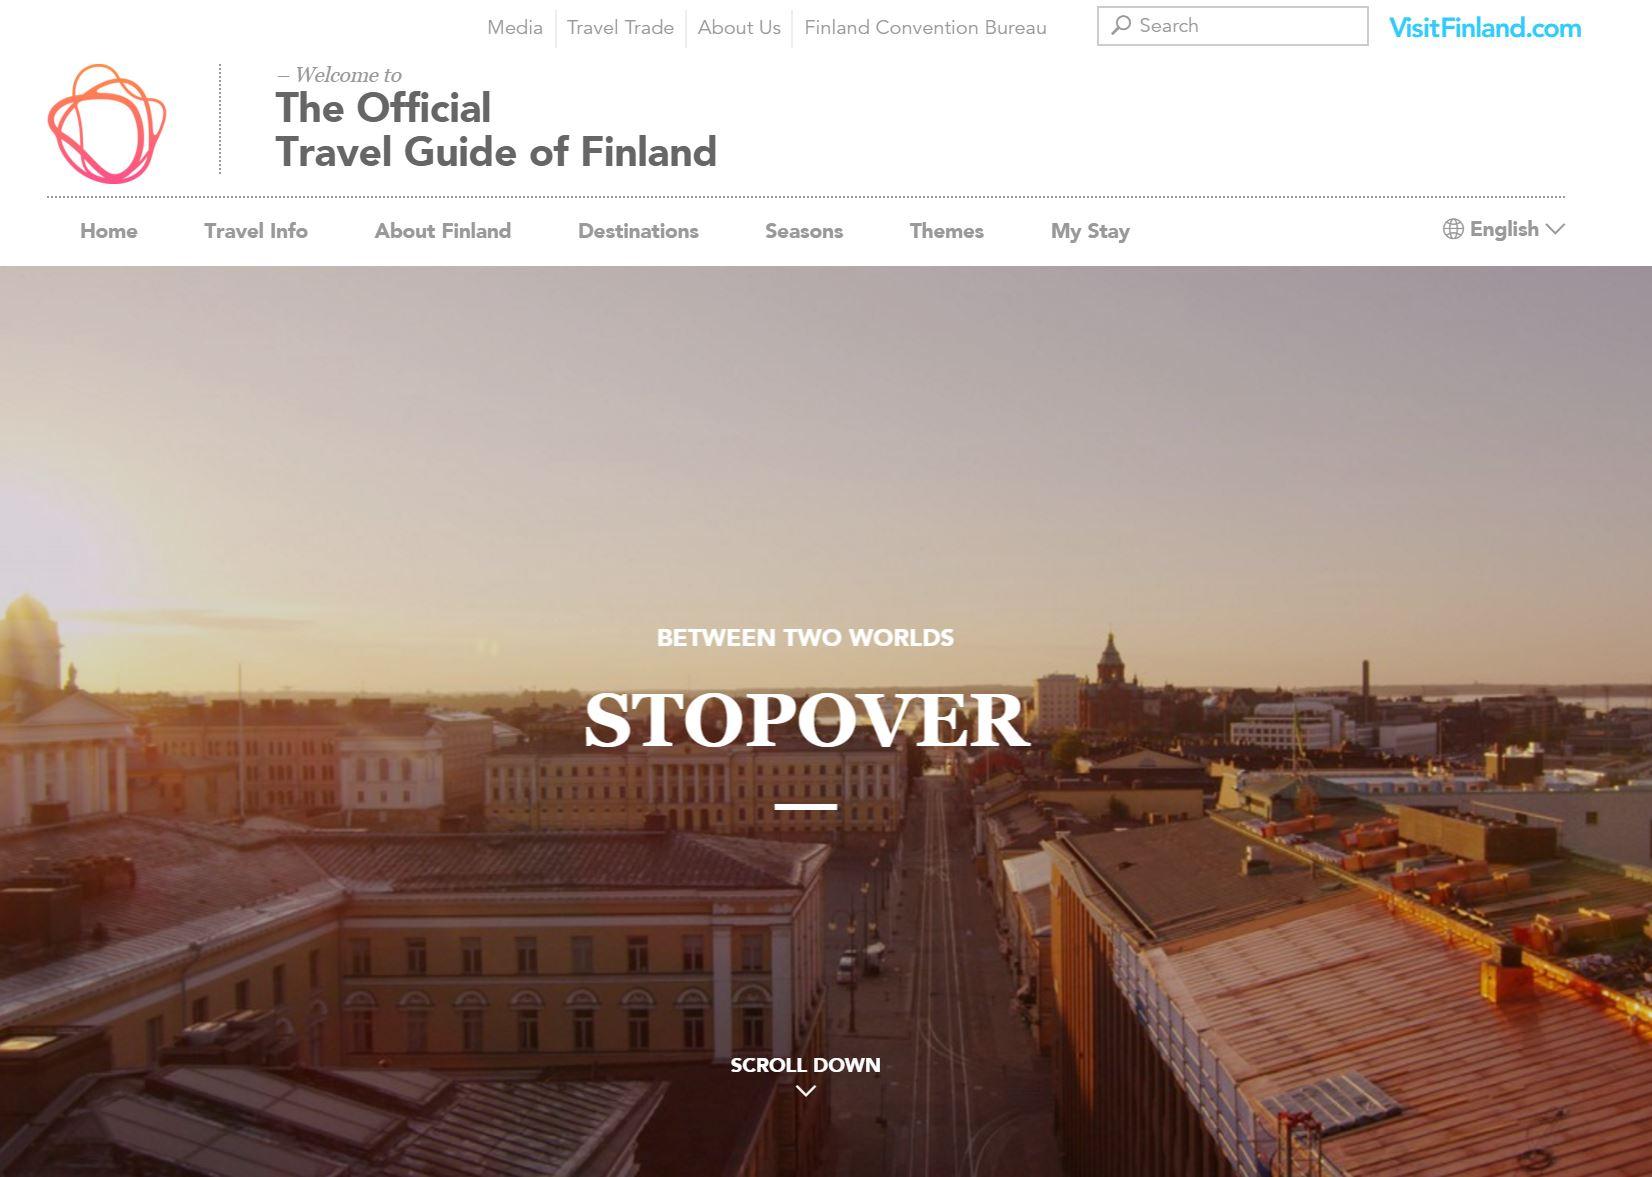 フィンランド航空、乗継ぎ客専門の旅行予約サイトを開設、フィンランド経由の欧州旅行者に最大5日間ツアーなど